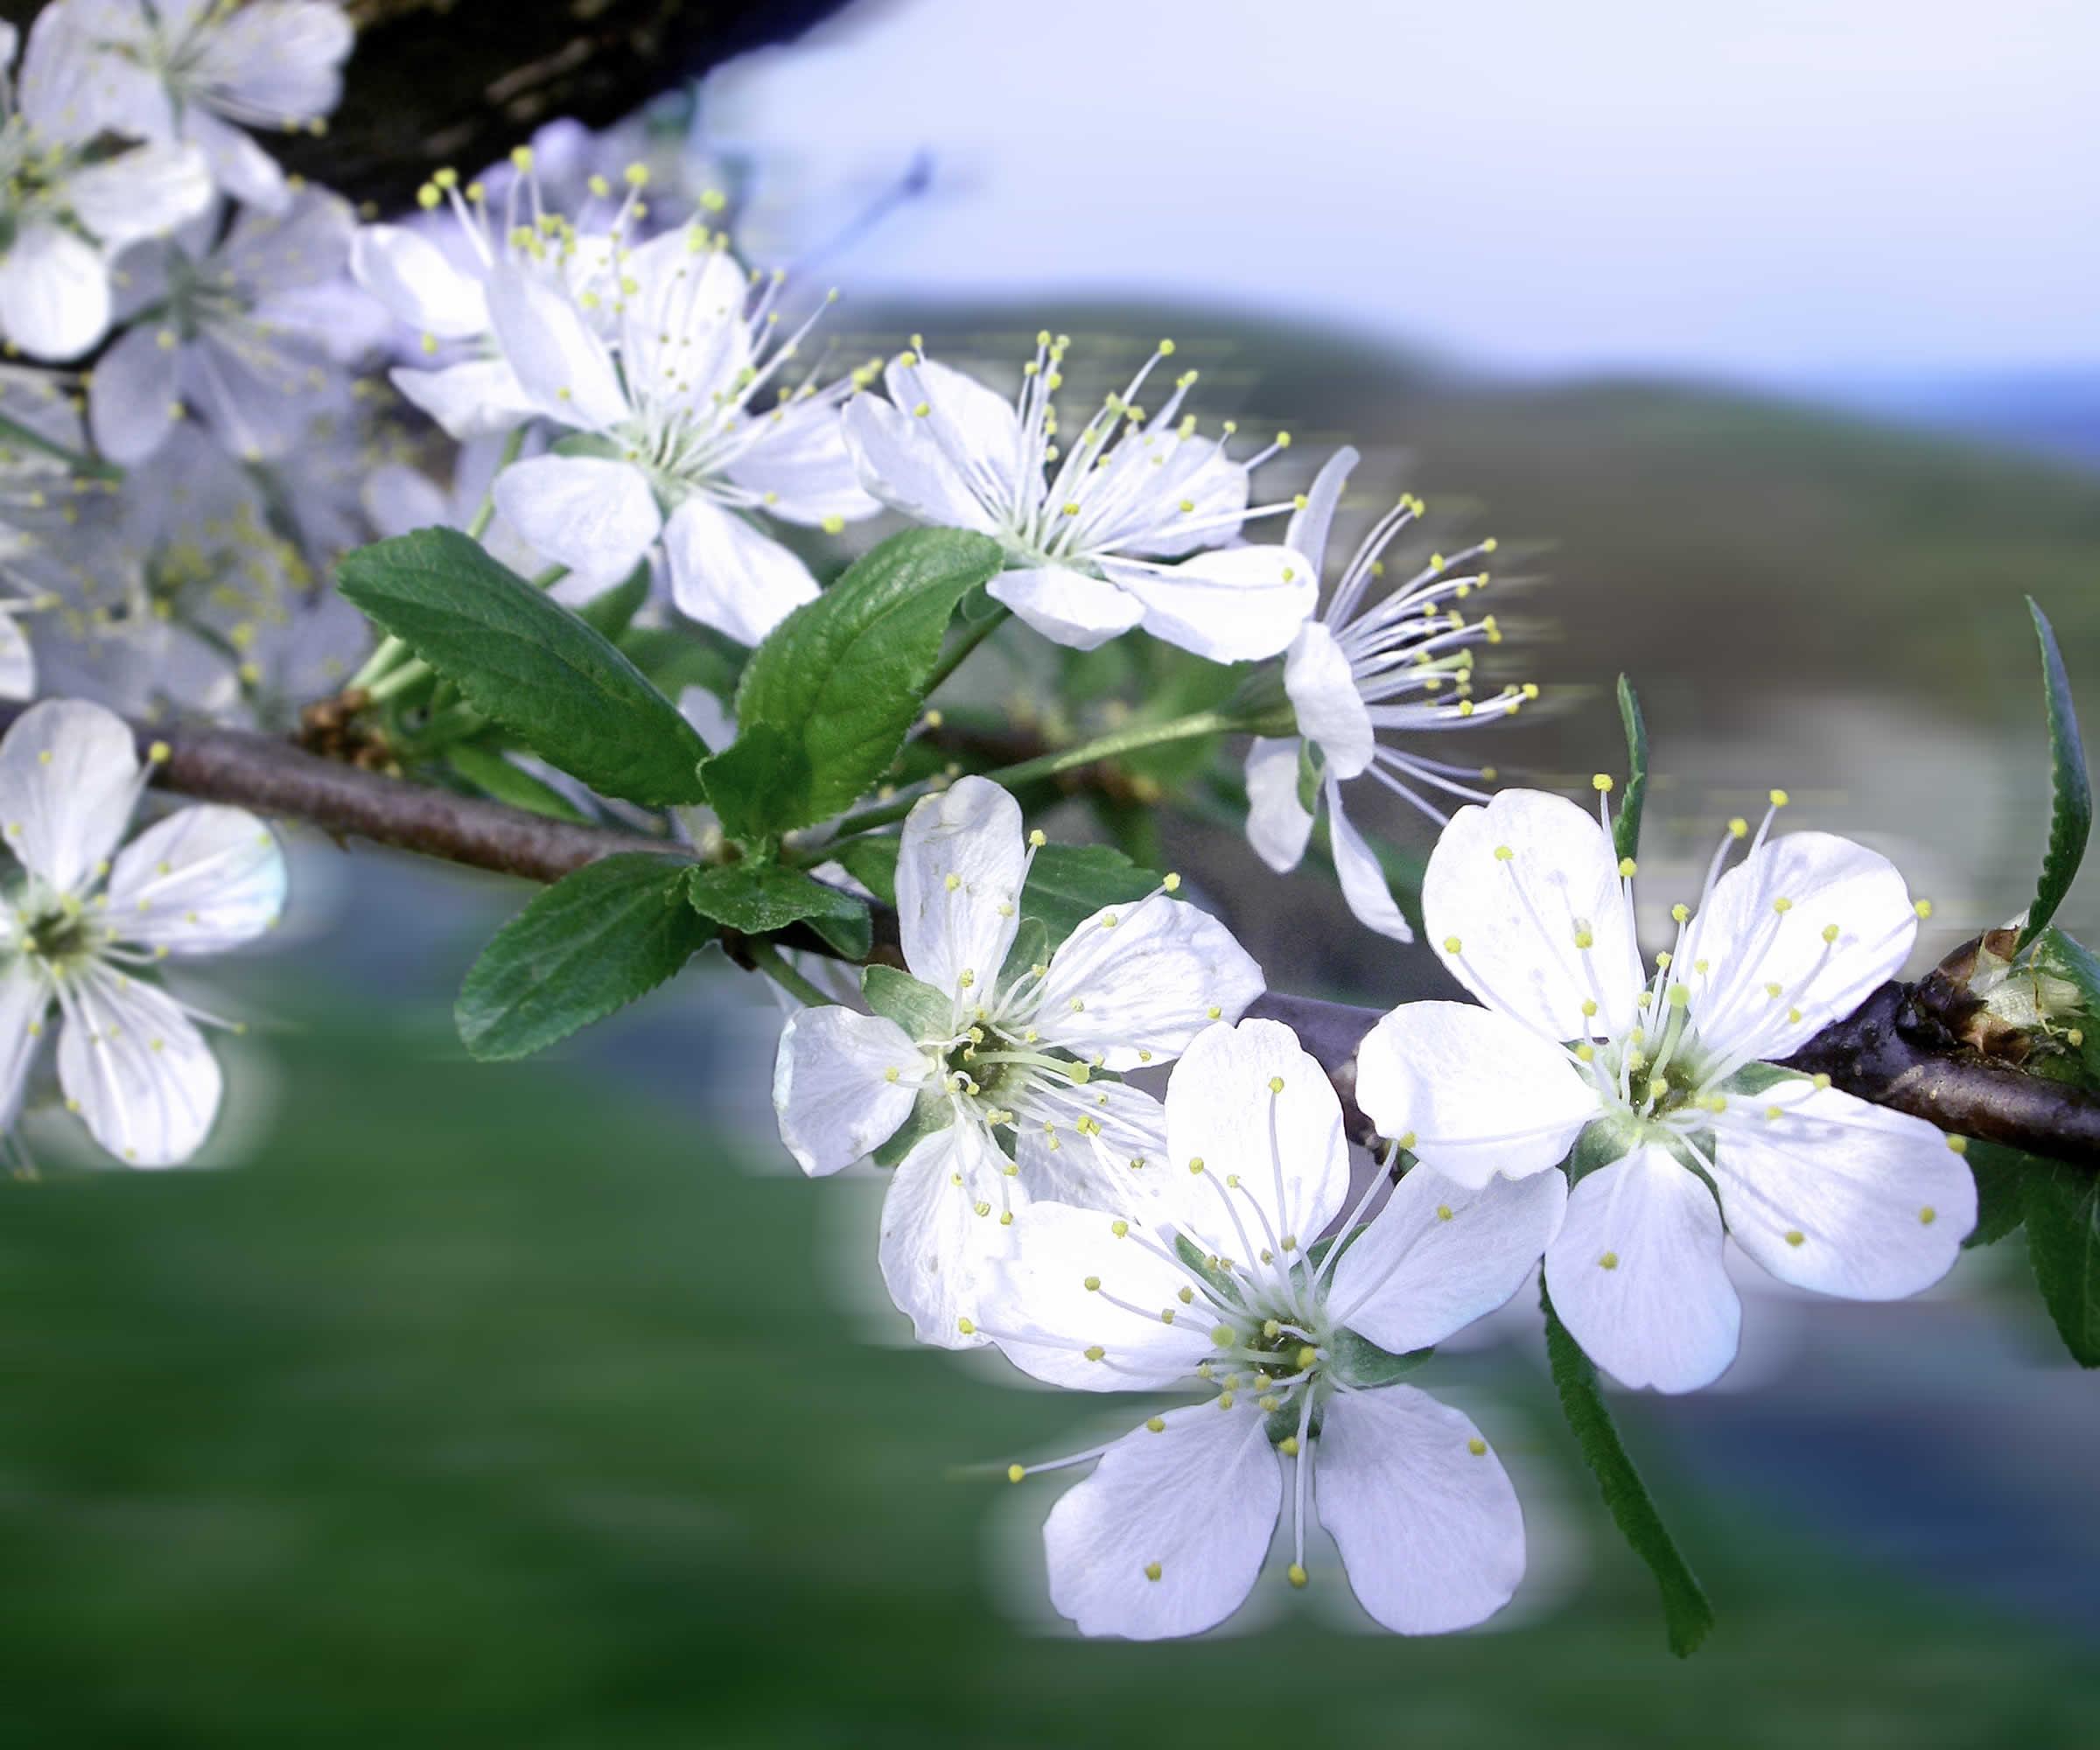 Klettergerüste Für Rosen : Der himmel voller rosen juni familienheim und garten